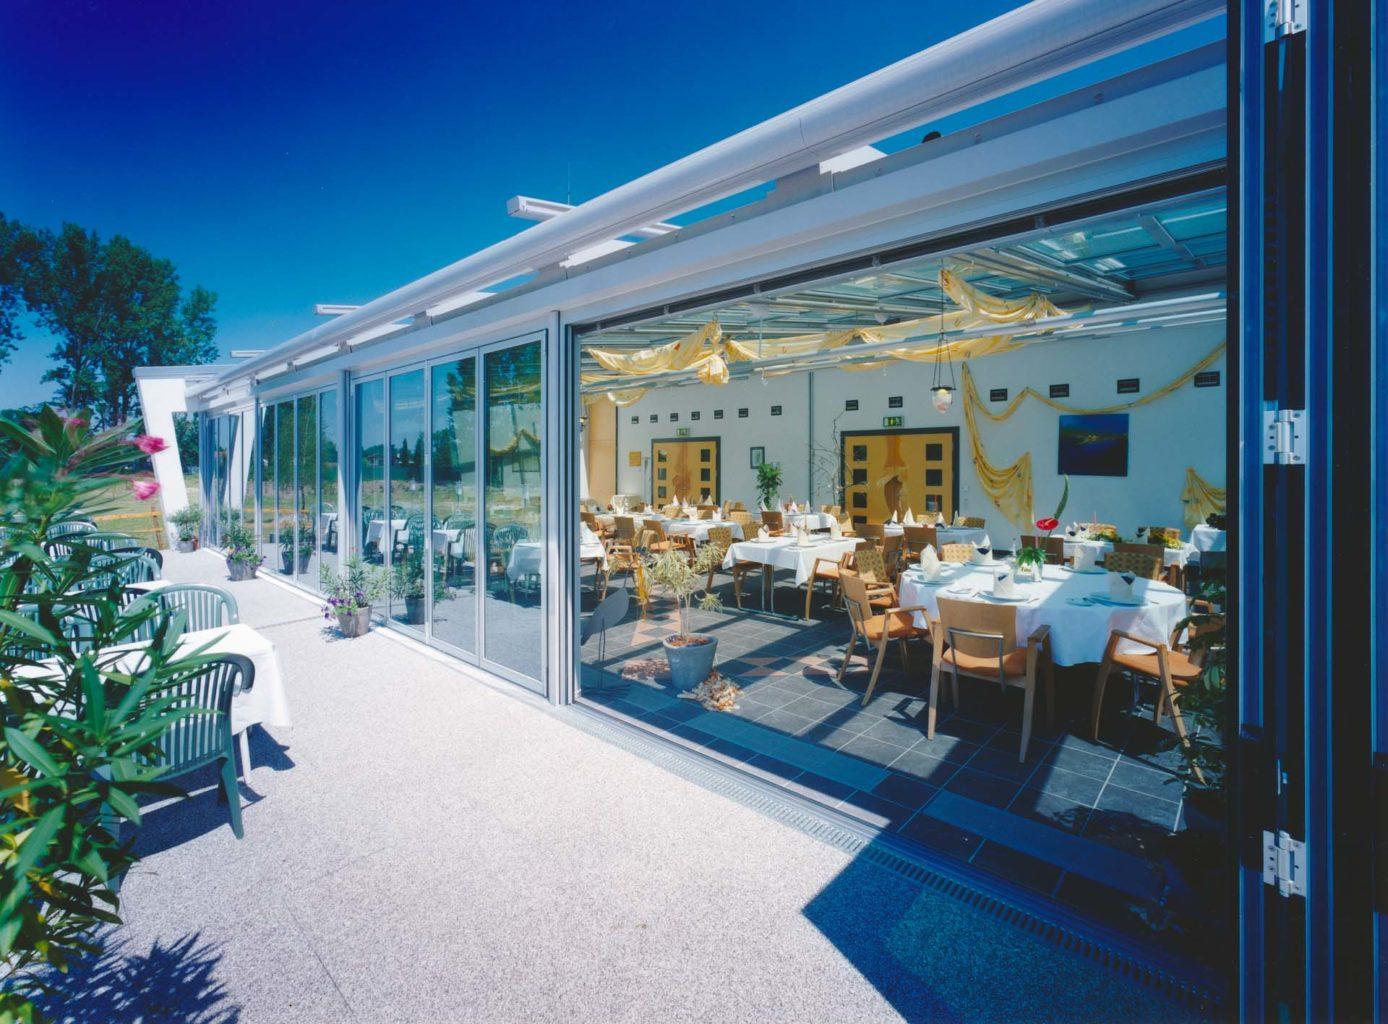 4 teiliges OpenAir-Schiebedach in Wintergartendach (Objekt 788). Zusätzlicher Gastraum durch Wintergarten mit vollautomatischem OpenAir Schiebedach in der beeindruckenden Größe von 32 m Breite und 9,5 m Tiefe